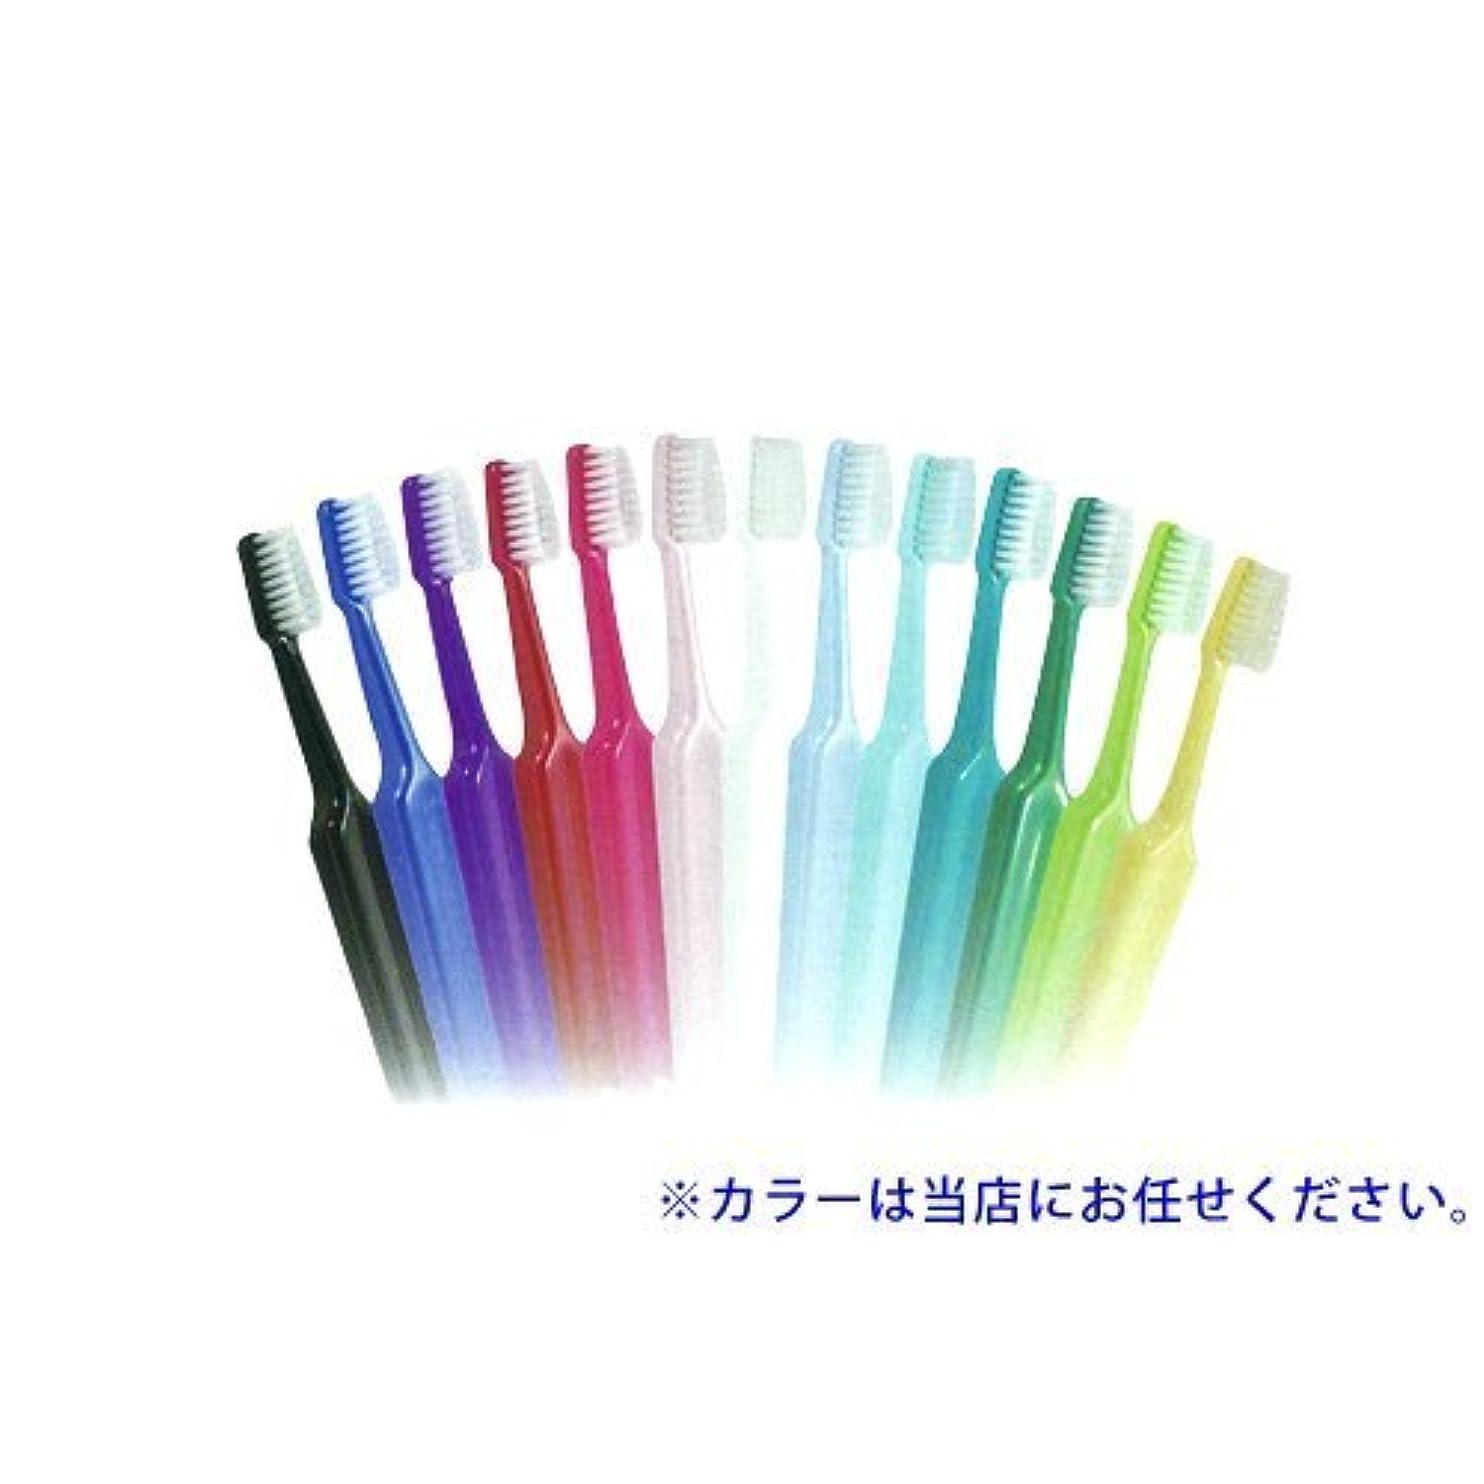 Tepe歯ブラシ セレクトミニ/エクストラソフト 25本/箱